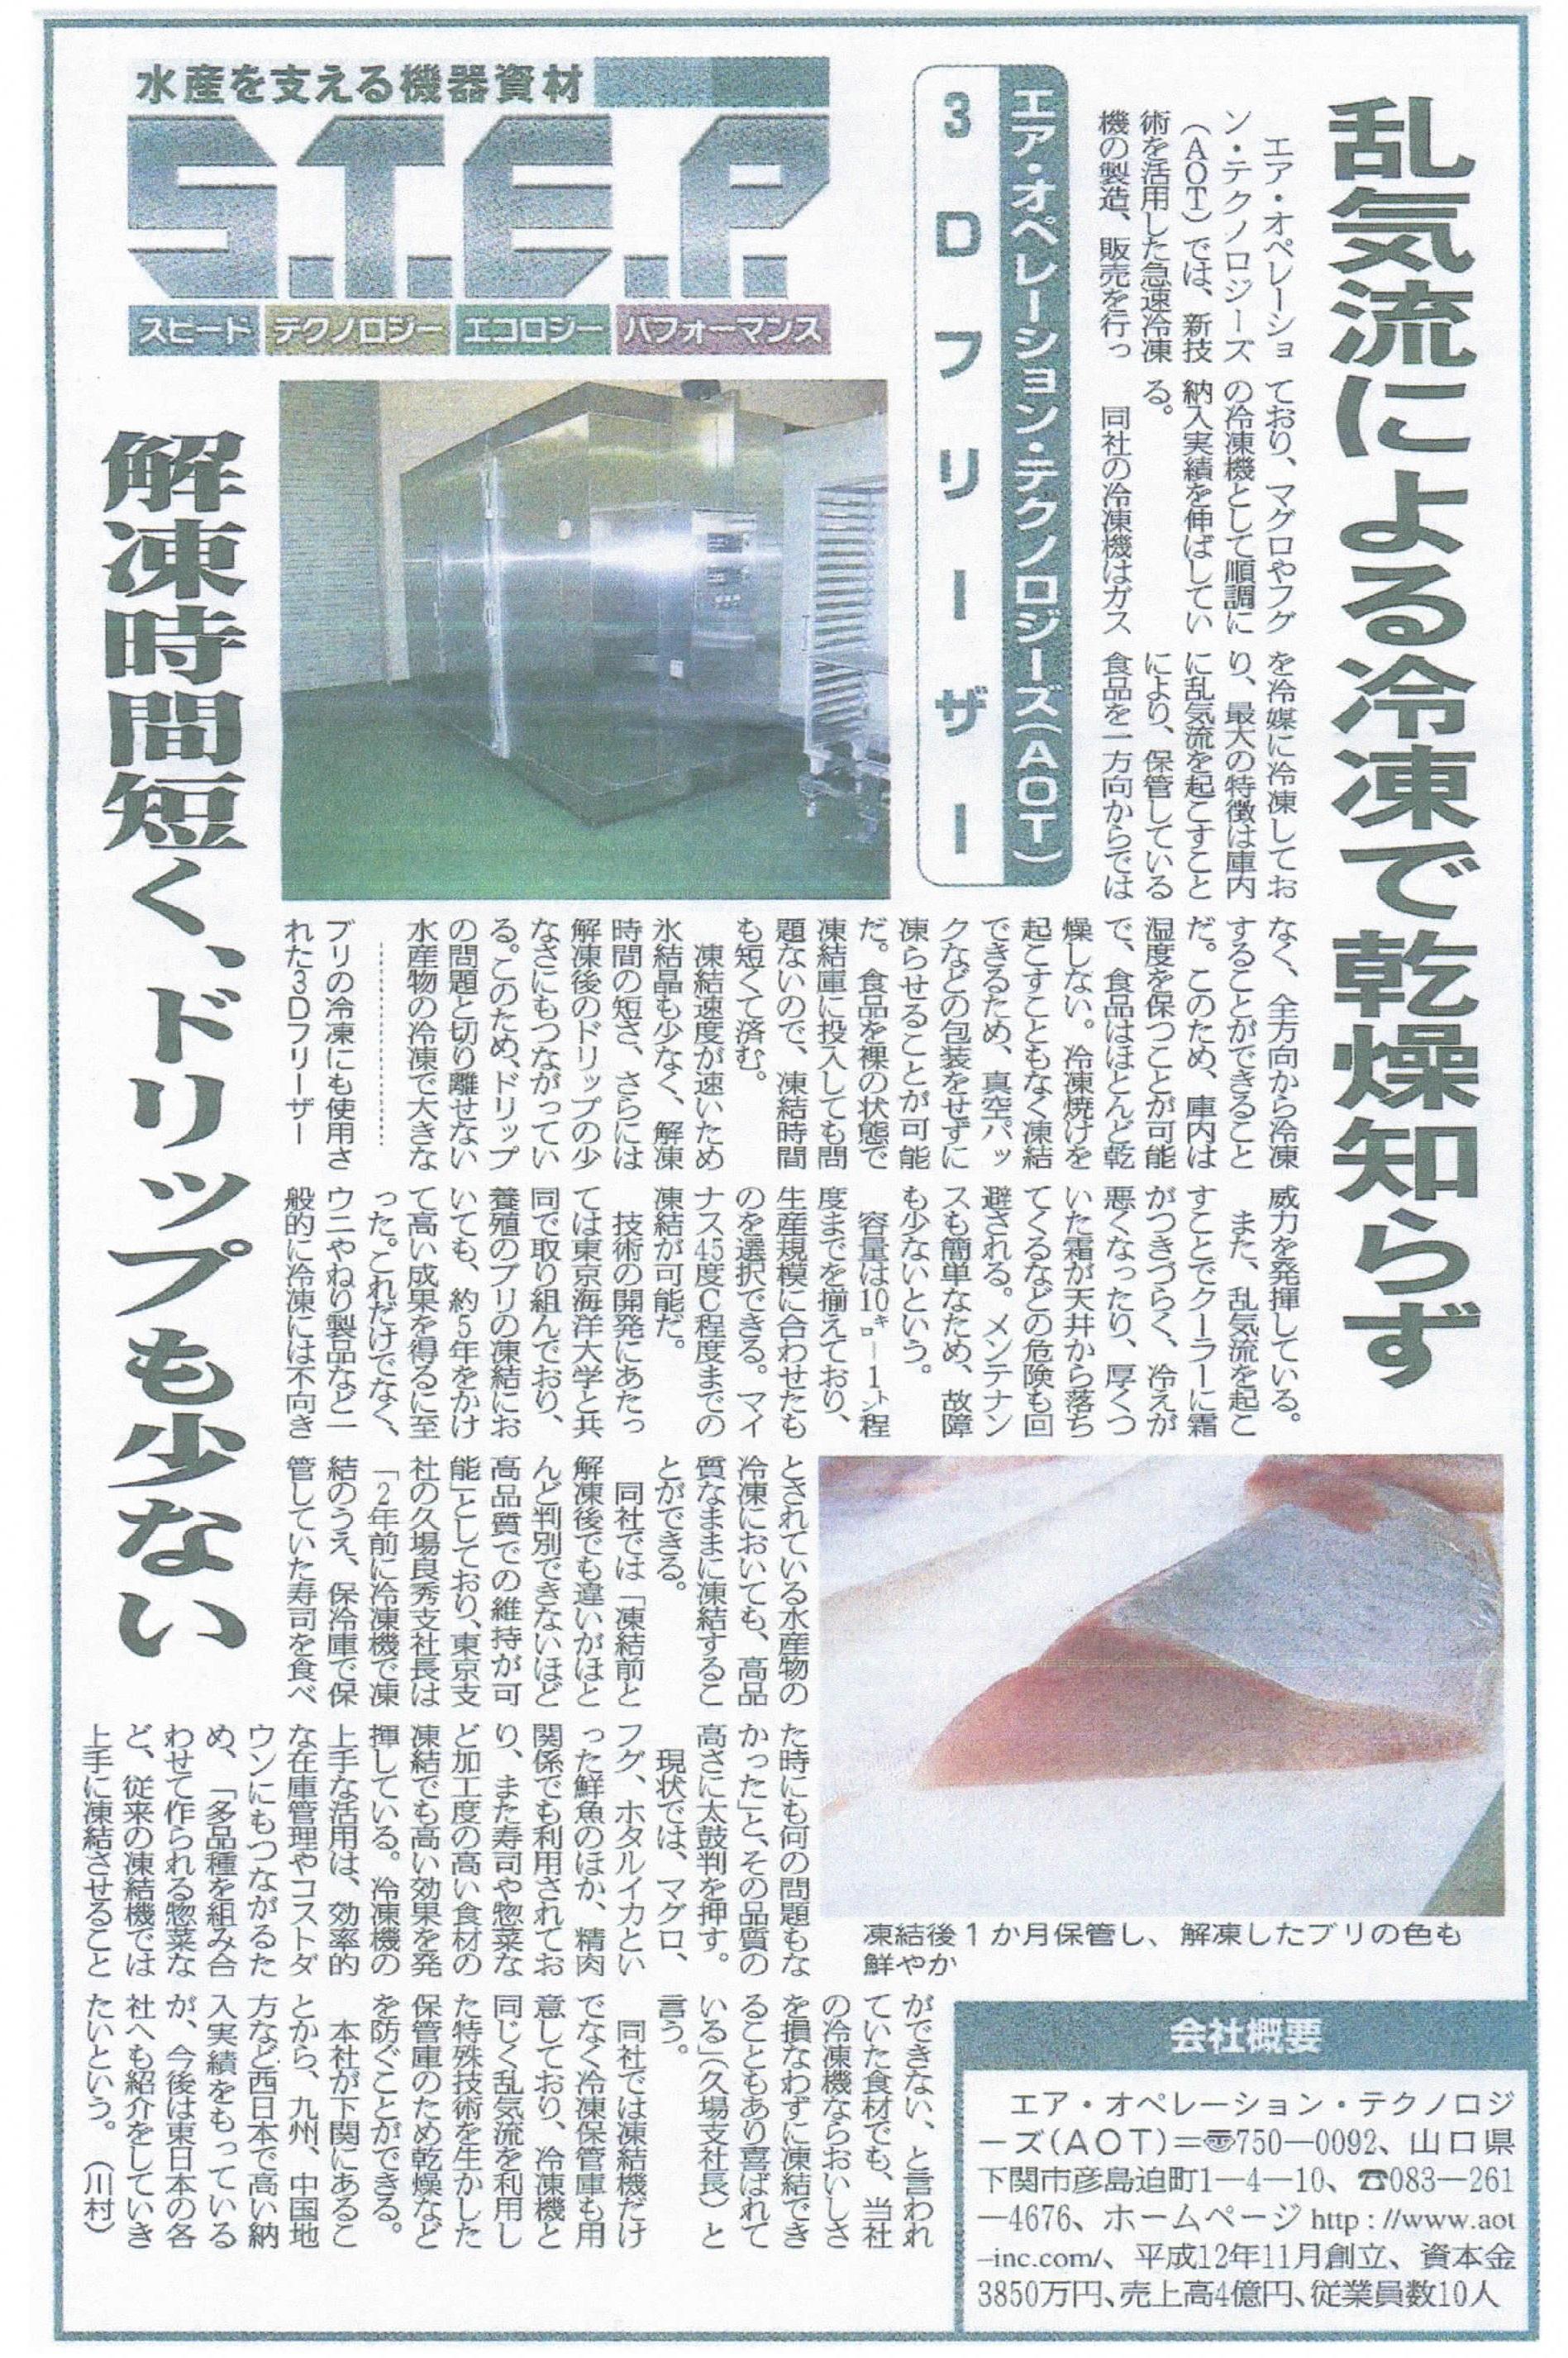 古賀産業3Dフリーザー水産経済新聞